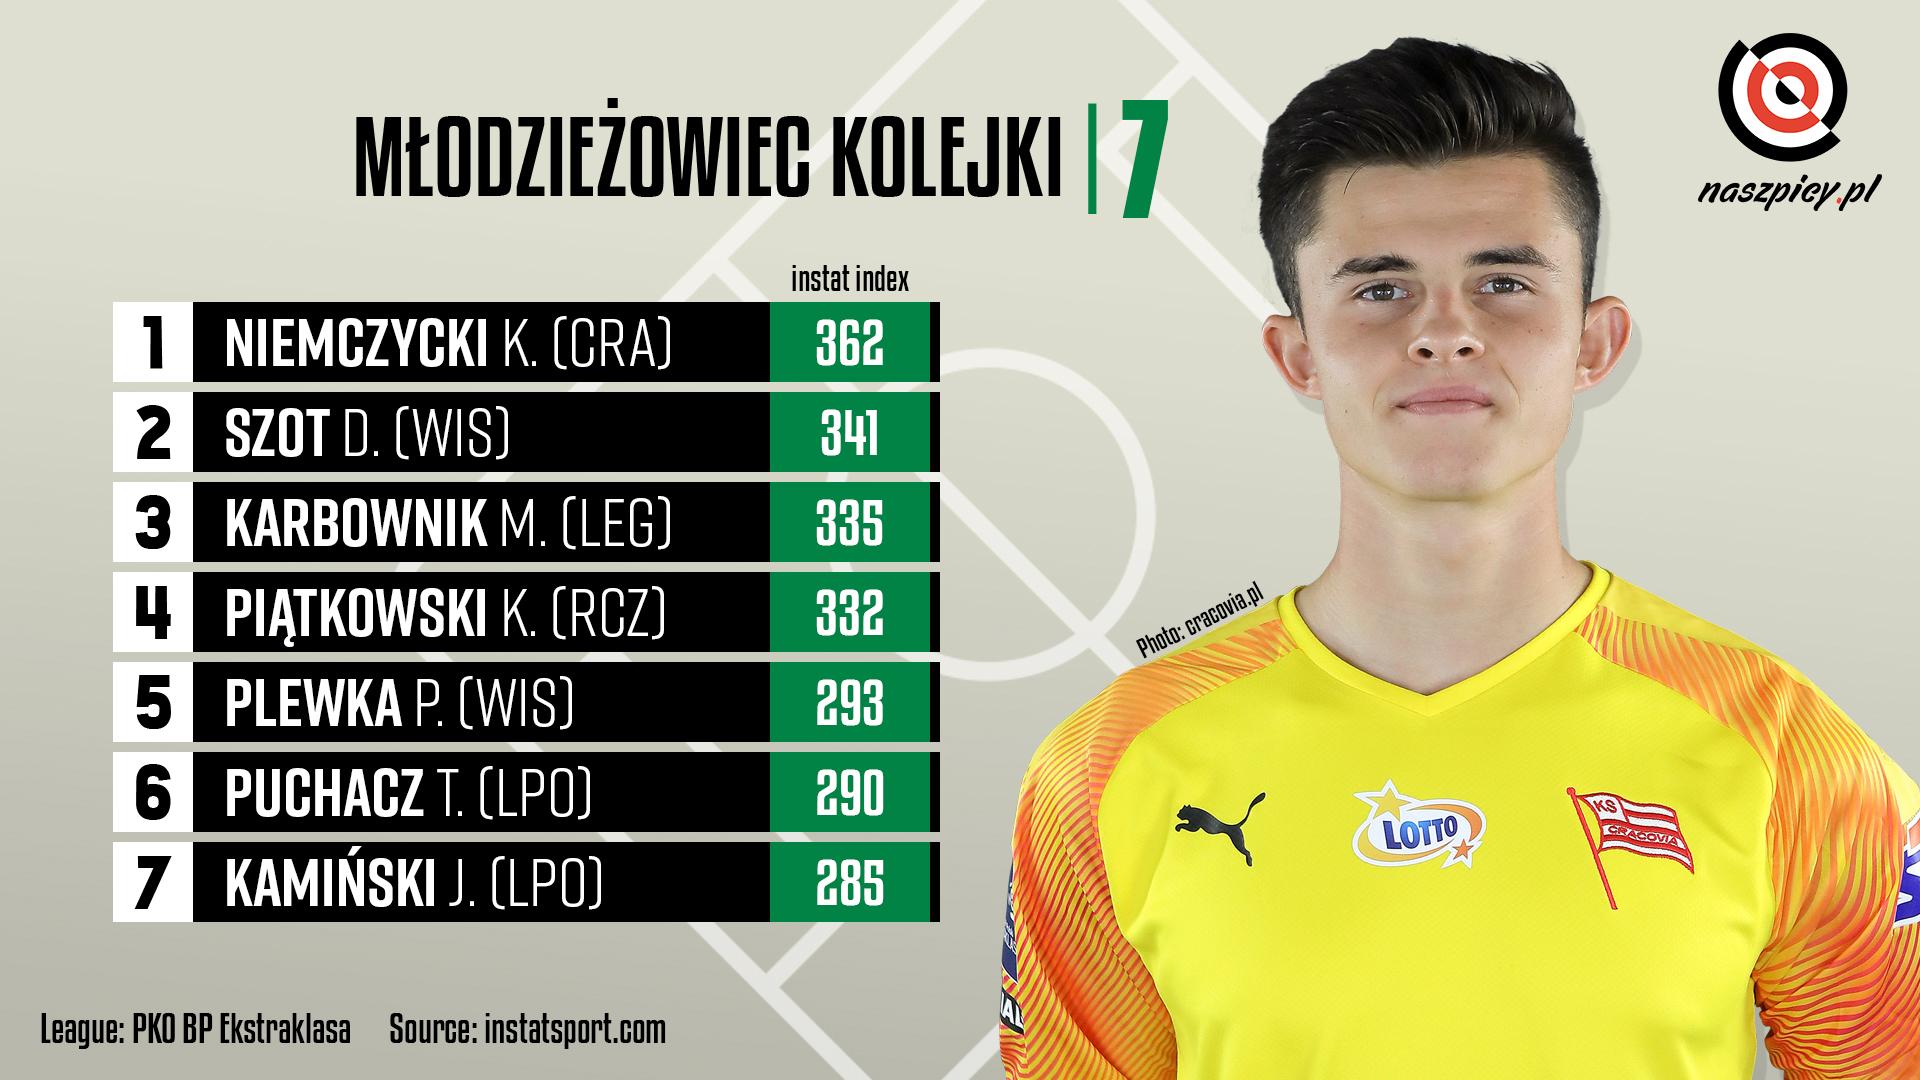 Ranking młodzieżowców w 7. kolejce PKO Ekstraklasy wg InStat Index<br><br>Źródło: Opracowanie własne na podstawie instatsport.com<br><br>fot. Cracovia / cracovia.pl<br><br>graf. Bartosz Urban